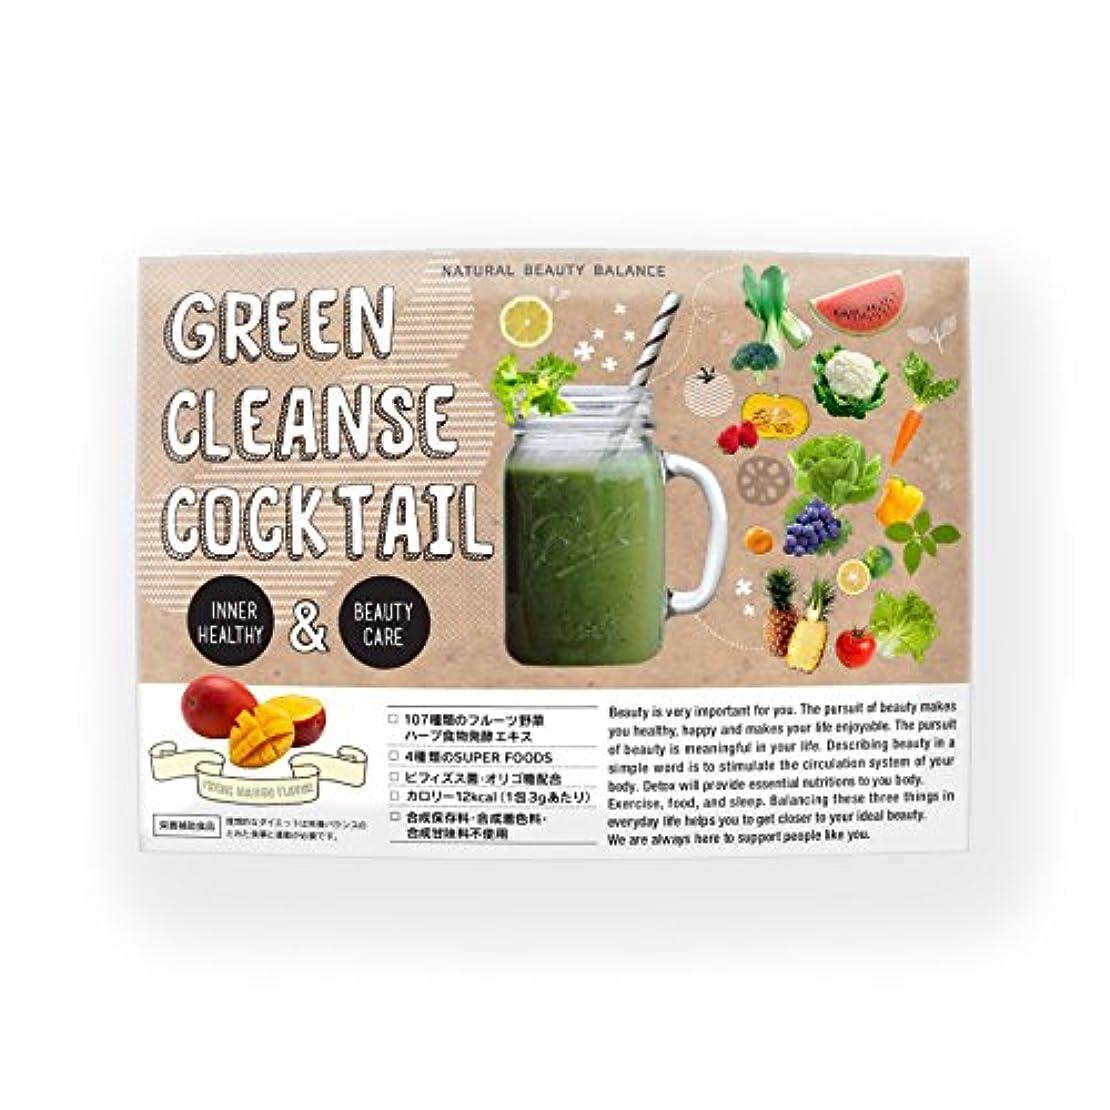 フィット喉頭プランテーションNatural Beauty Balance グリーンクレンズカクテル Green Cleanse Coktail ダイエット 30包